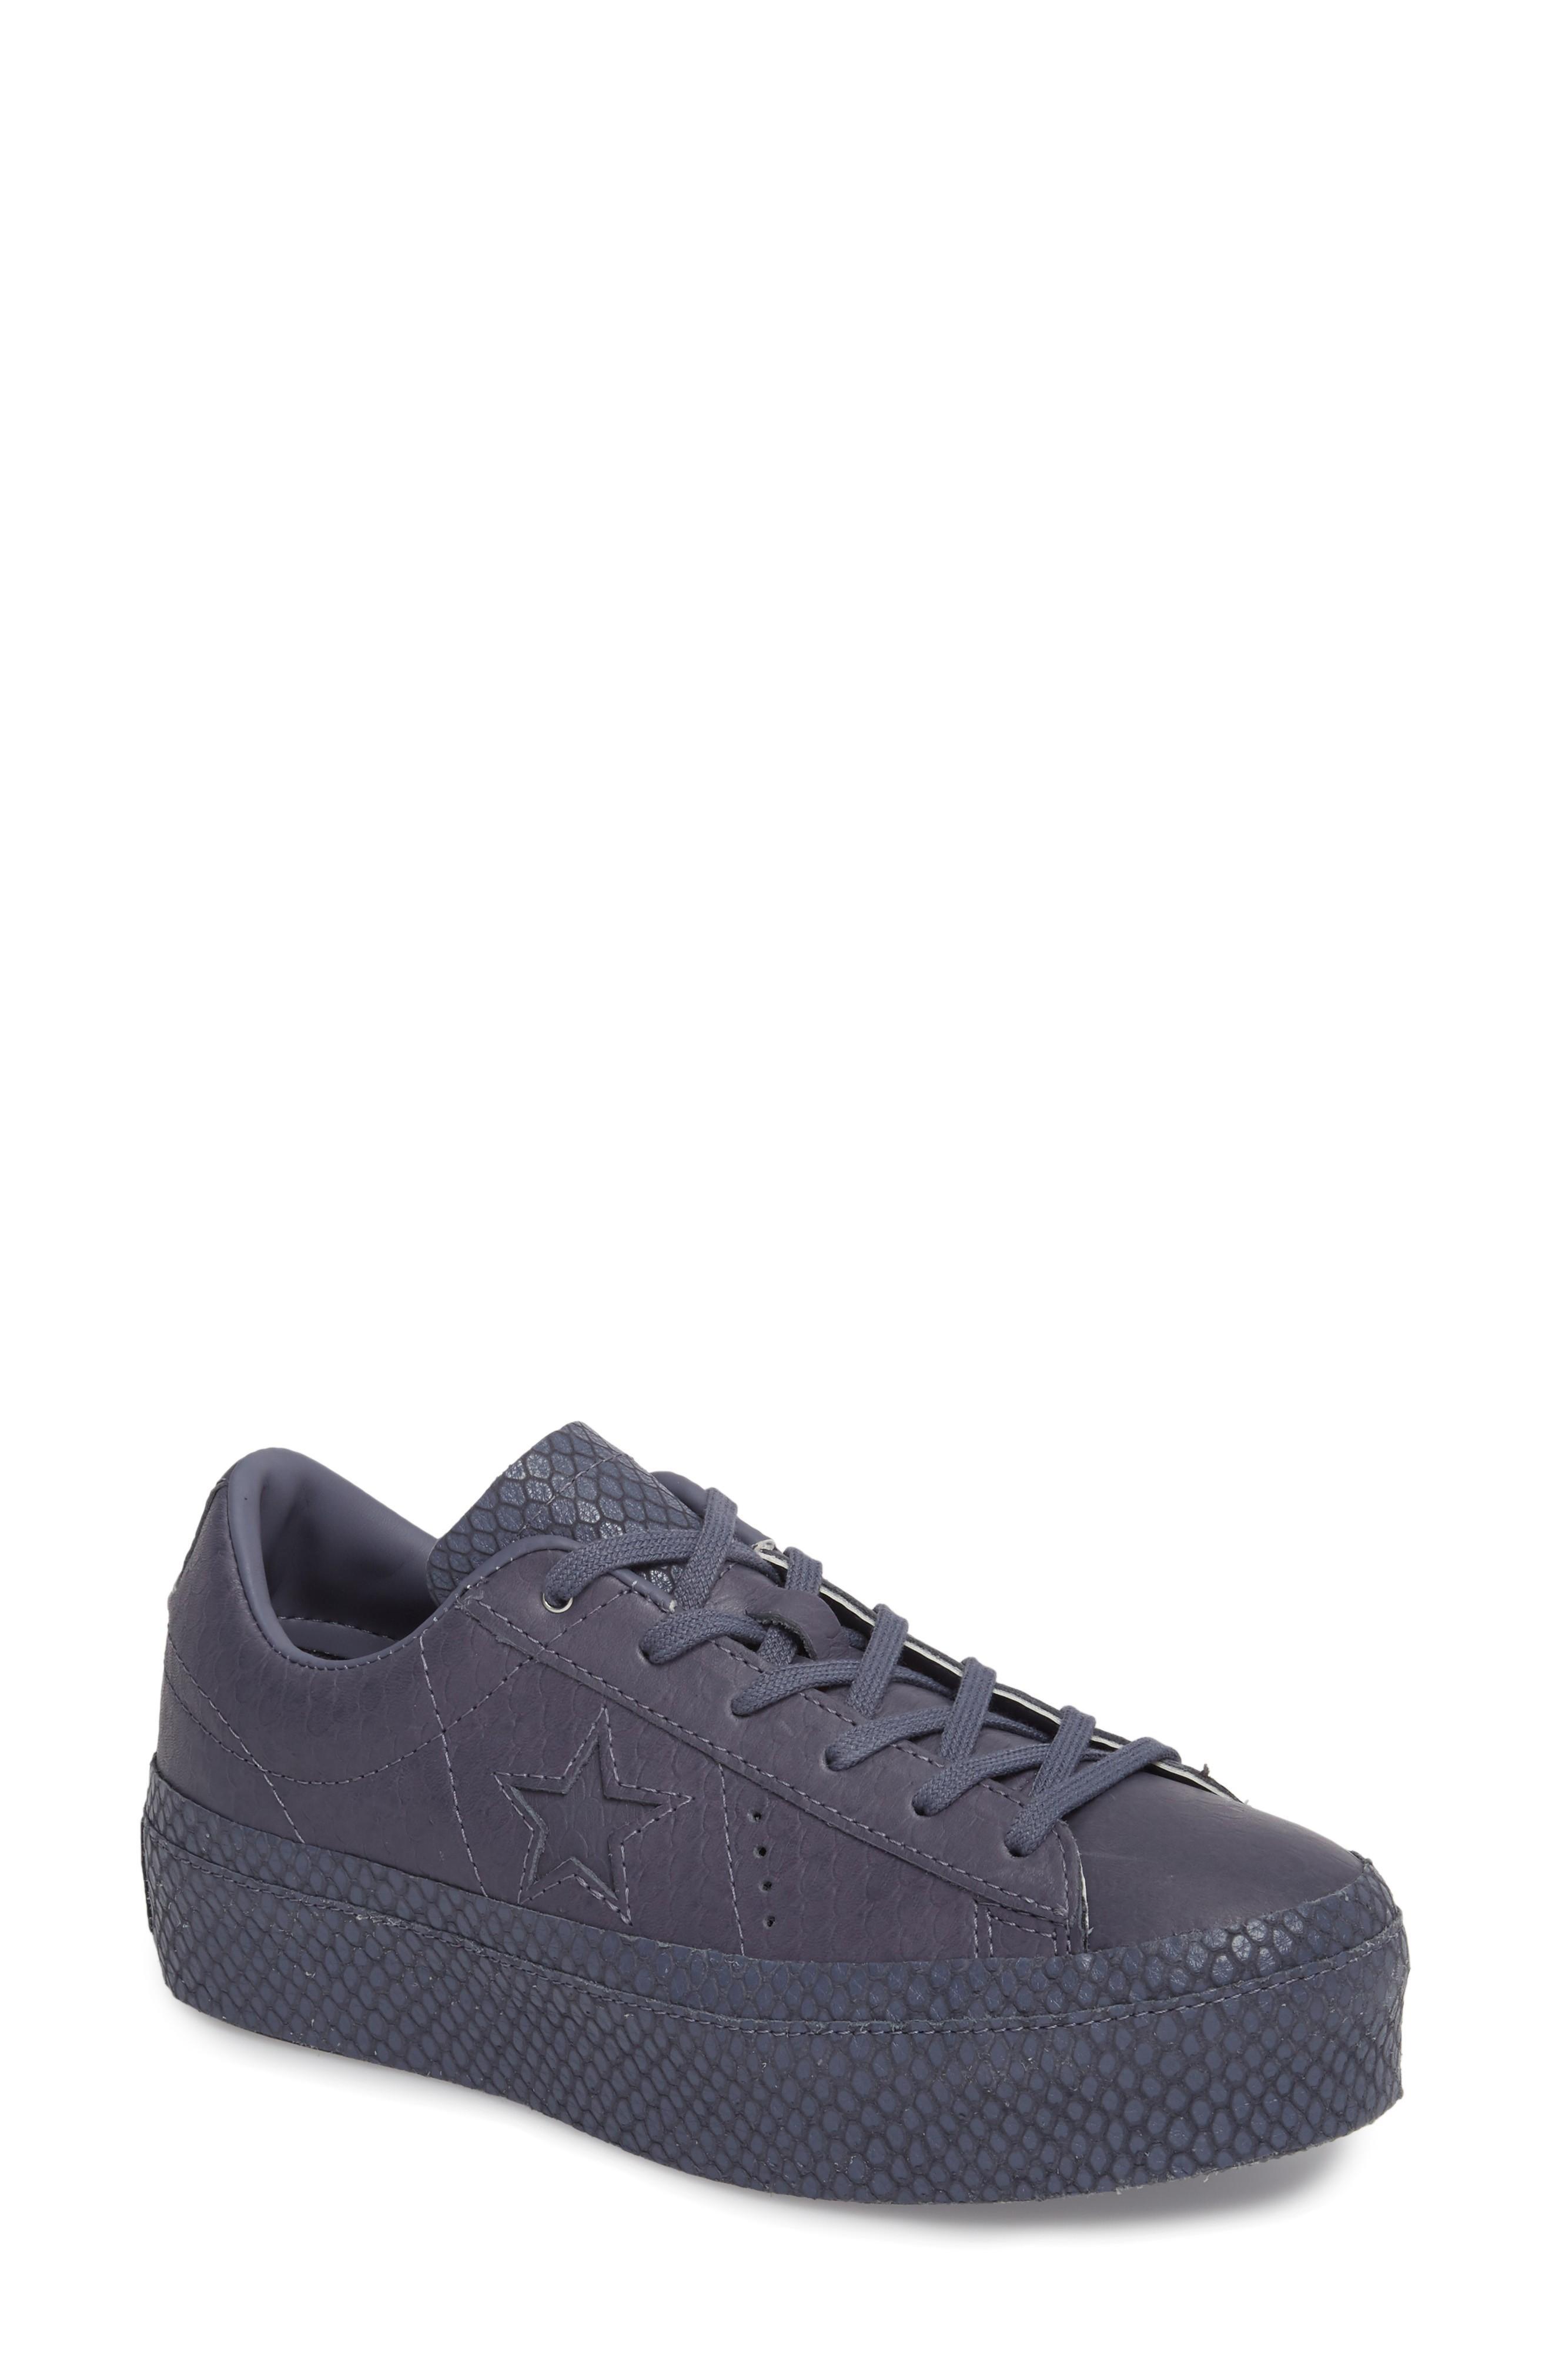 6cdaa375d899 Converse Chuck Taylor All Star One Star Platform Sneaker In Light Carbon